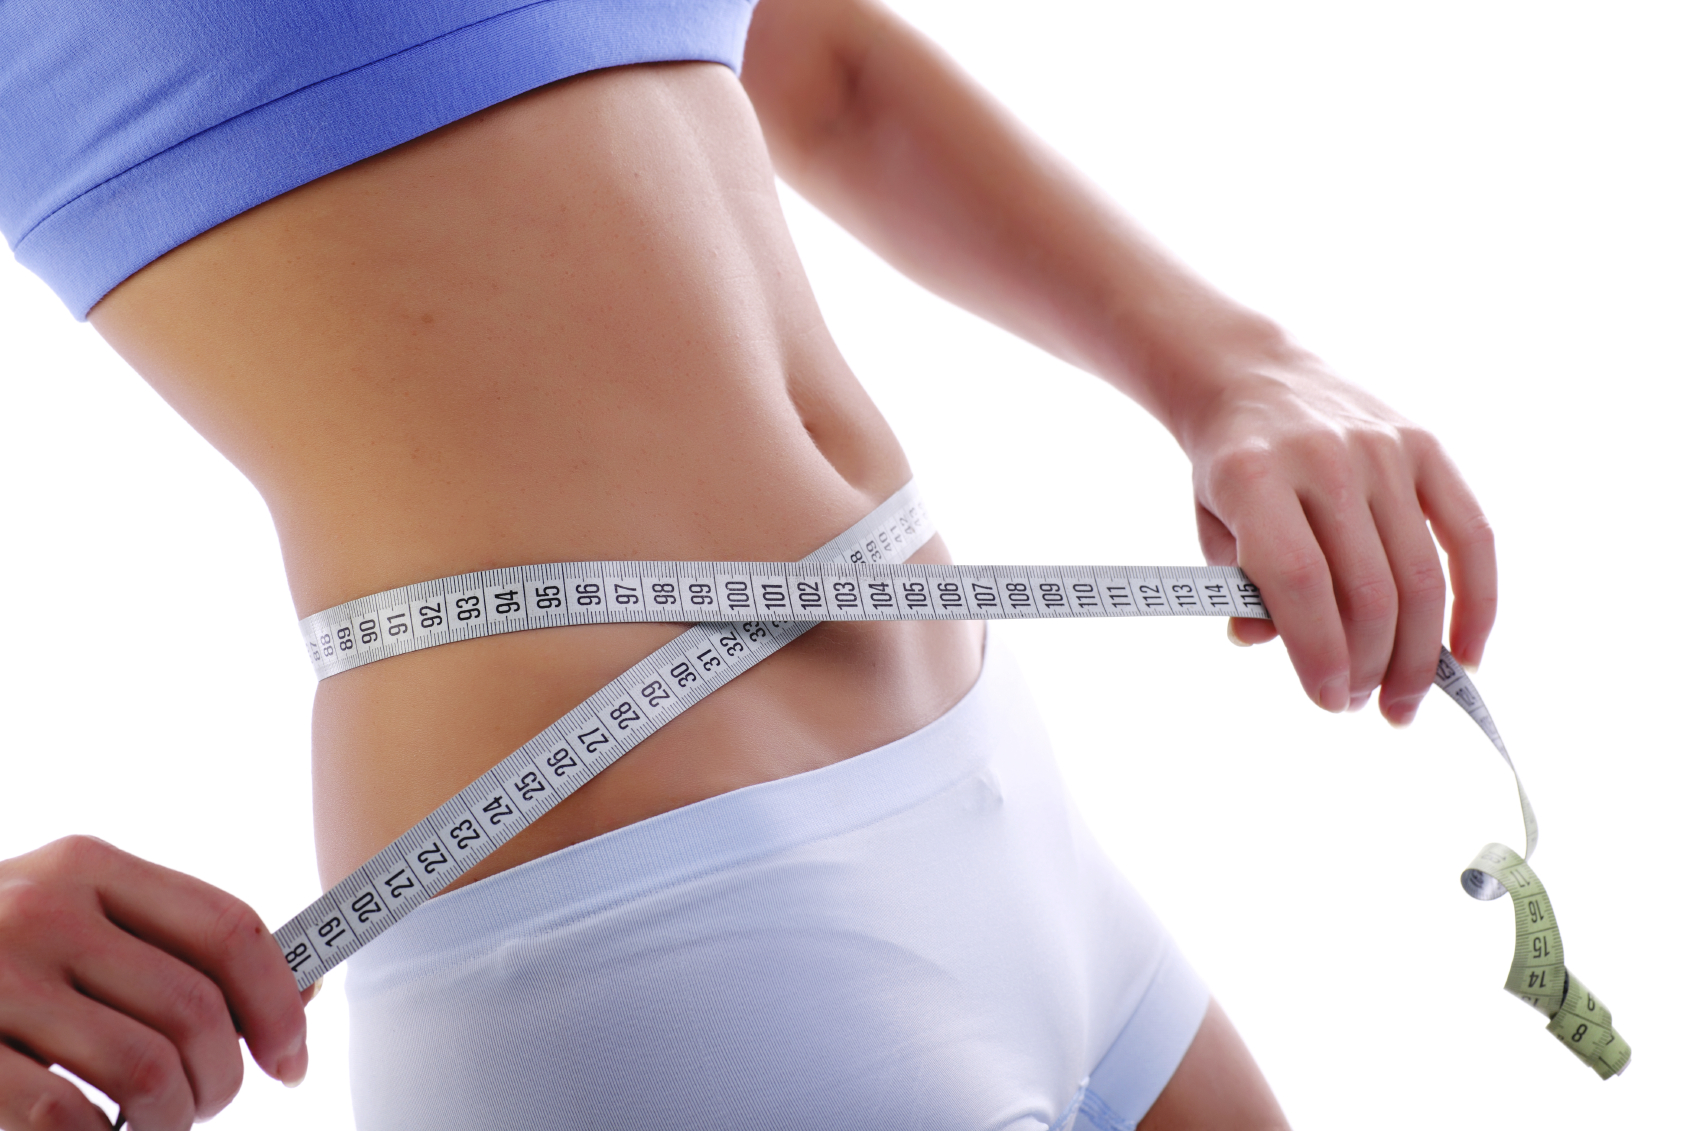 Формула снижения веса биоспорт